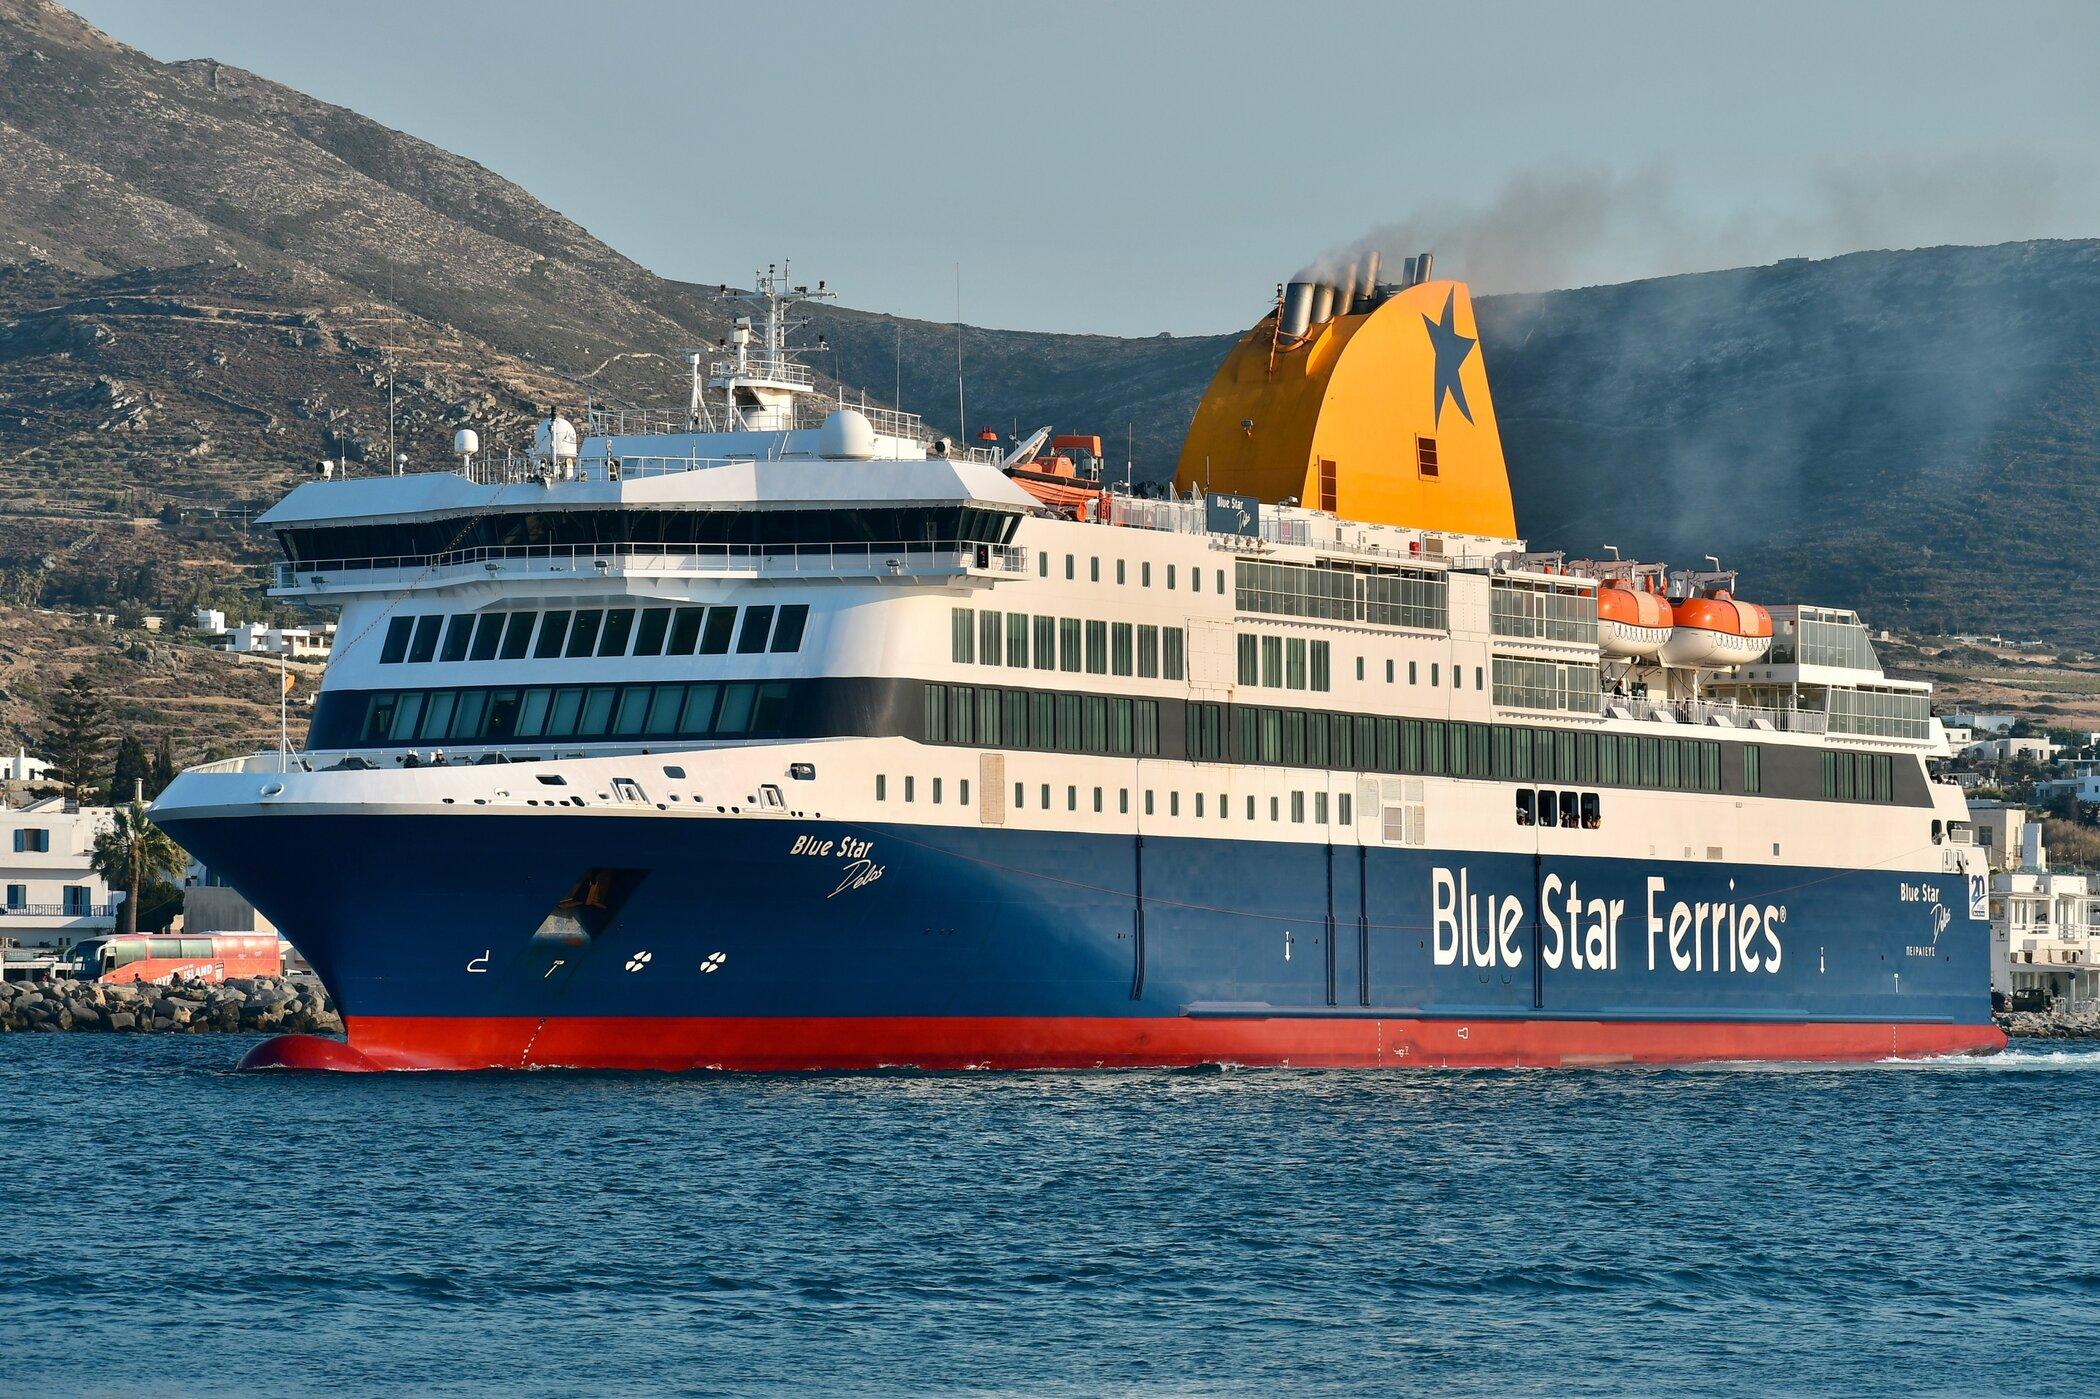 Blue Star Delos_07-08-21_Paros